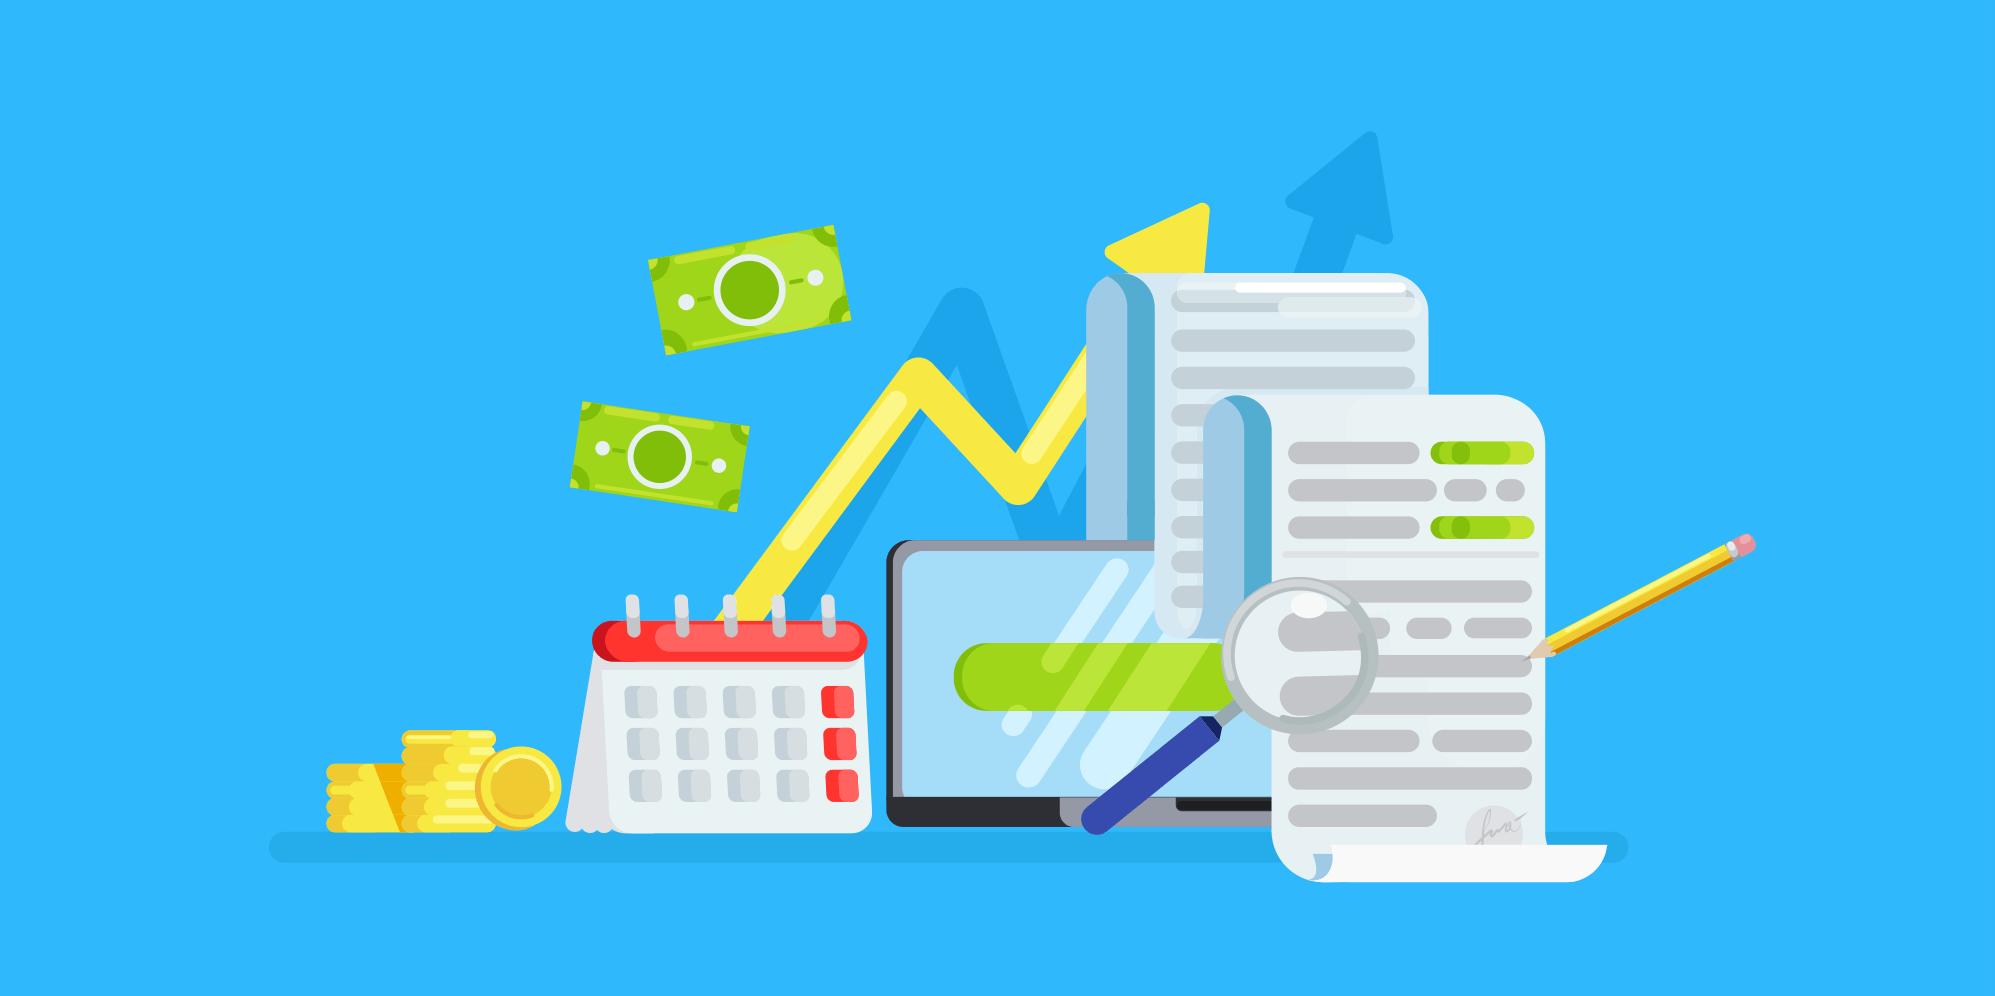 Klasik finans yöntemlerinden, tasarrufa dayalı finans yöntemlerine